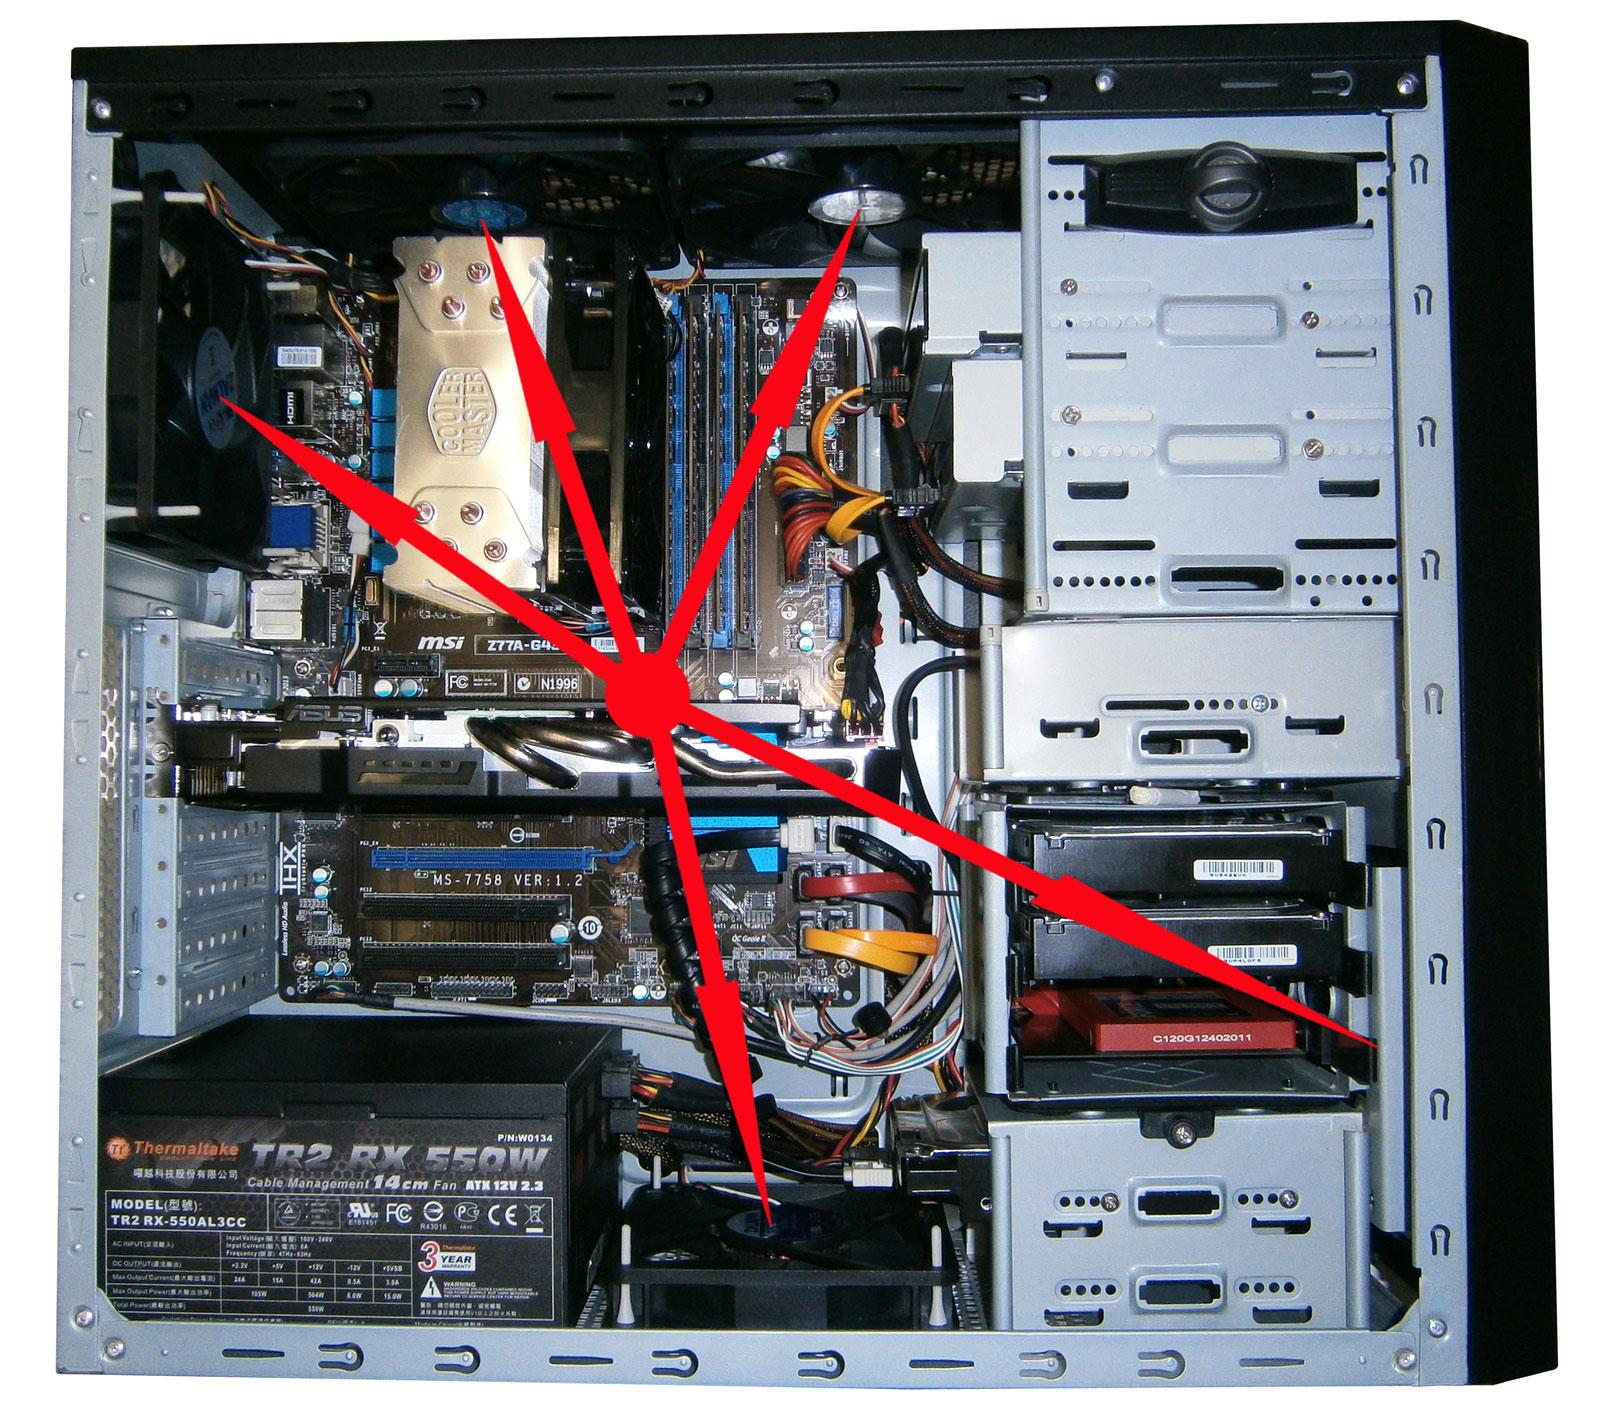 Ремонт блока питания компьютера своими руками фото 475